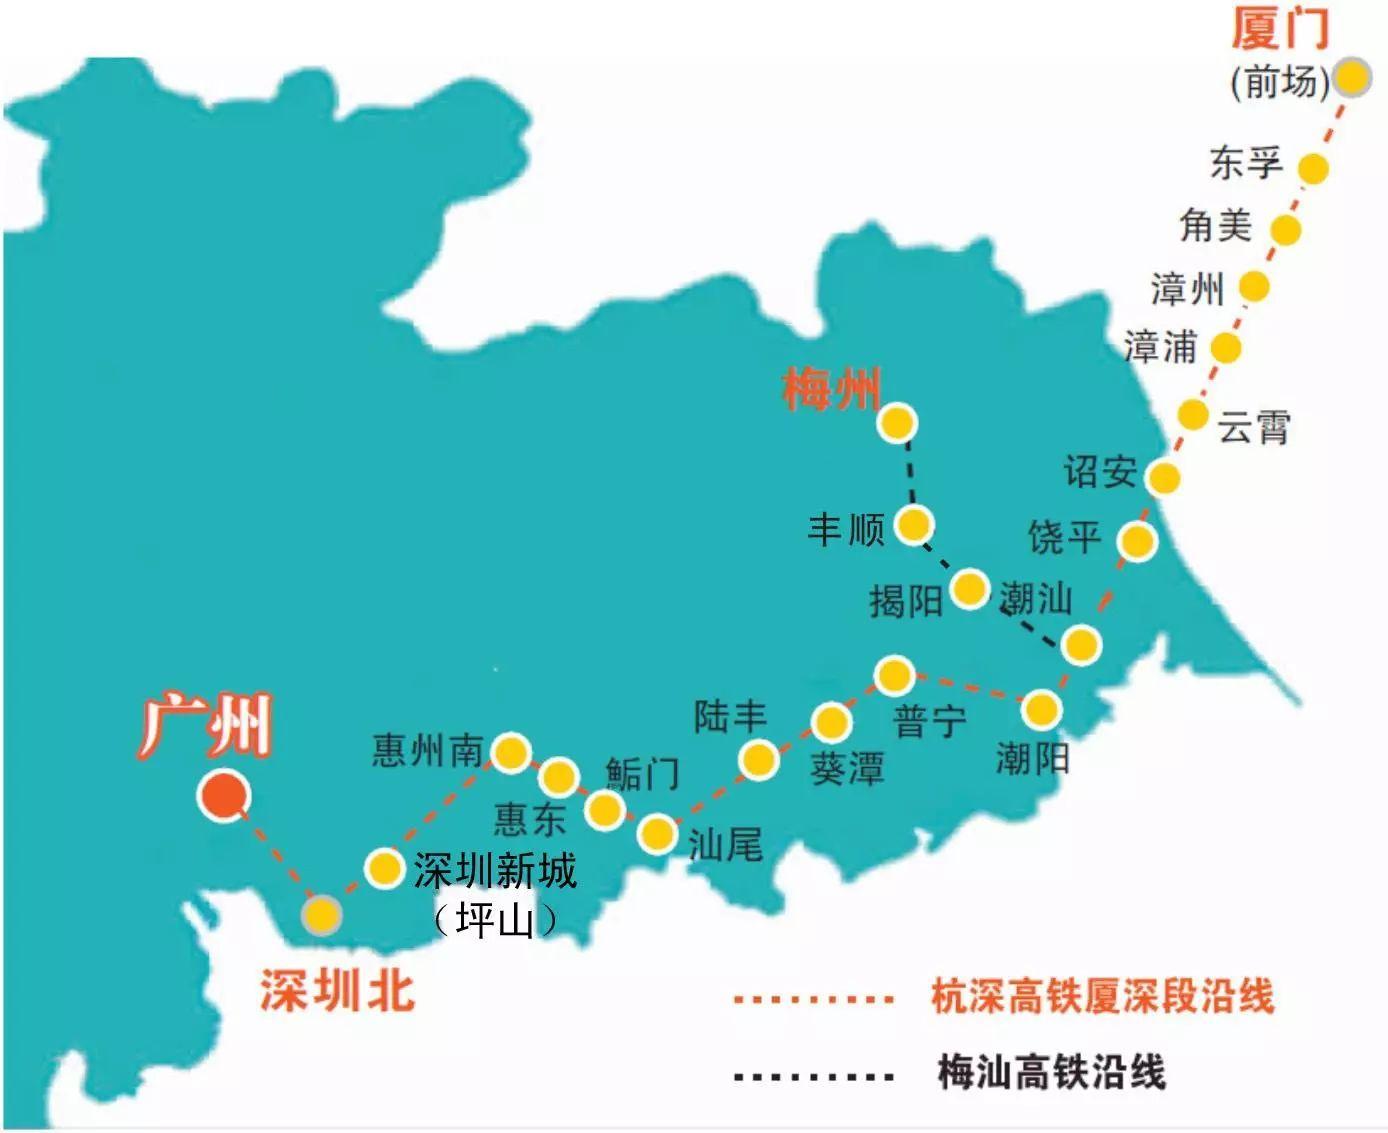 2020年05月25日莆田高铁时刻表 - 火车票网